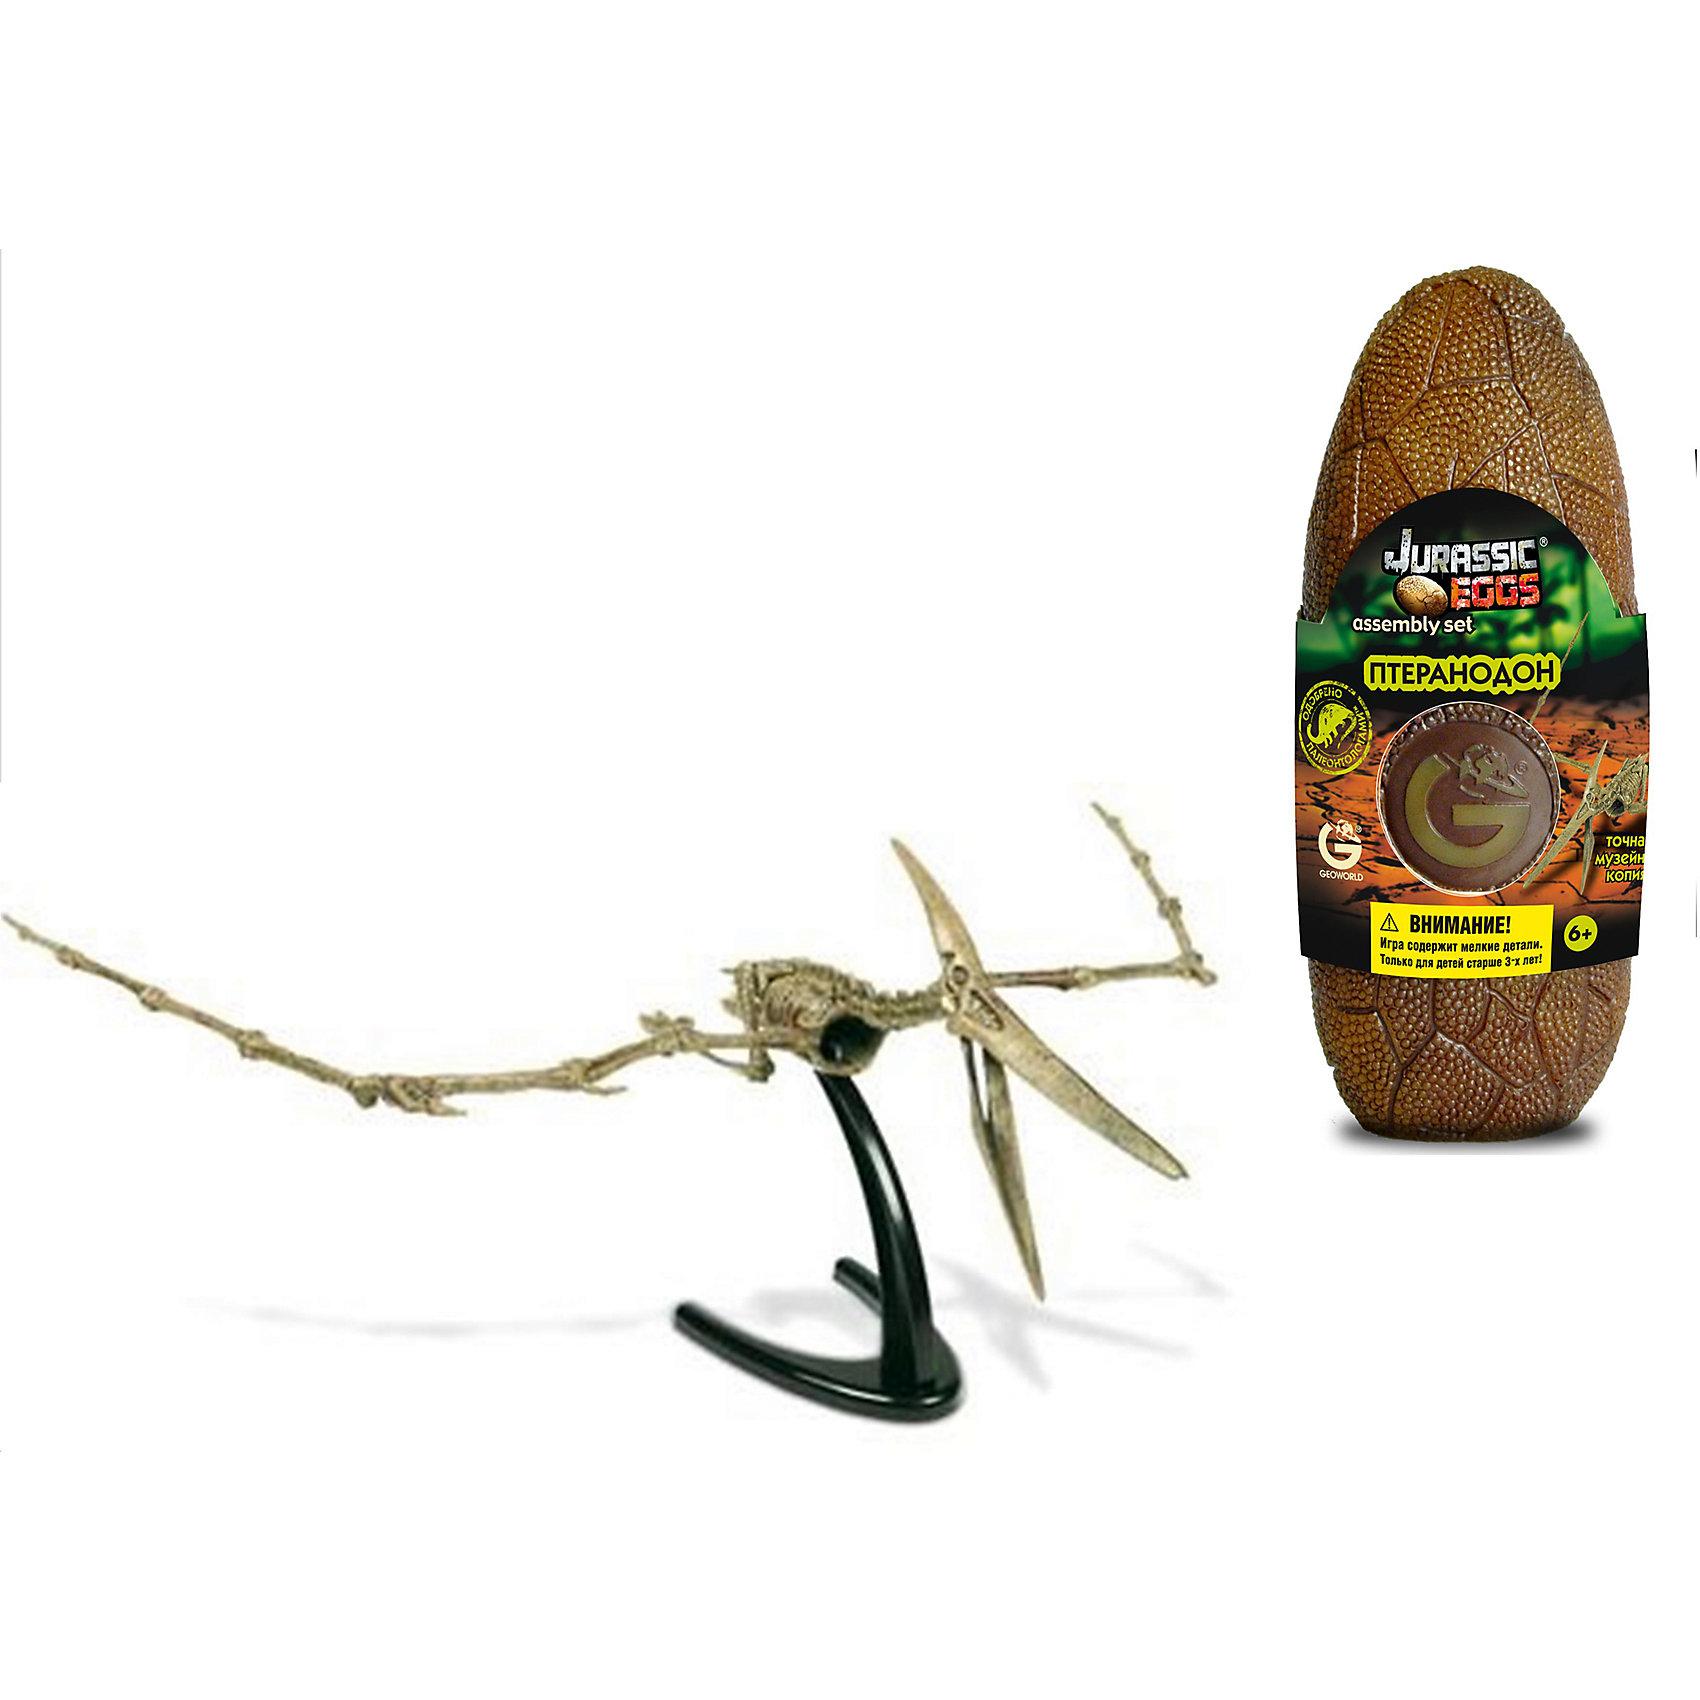 Яйцо динозавра - сборная модель Птеранодон, GeoworldДеревянные конструкторы<br>Внутри этого стилизованного яйца динозавра находится качественная сборная модель. Она иллюстрирует скелет вымершего летающего ящера — птеранодона. Модель ребенок сможет с легкостью собрать своими руками из 13 предварительно окрашенных деталей, которые похожи на части настоящего скелета. Модель настолько качественная, что приравнивается к музейному экспонату. В собранном виде эта необычная модель скелета птеранодона станет оригинальным сувениром. У модели имеется подставка, которая позволяет собрать скелет в летящей позе с распахнутыми крыльями. Длина собранной модели: 48 см.  детали, яйцо, брошюра.<br><br>Ширина мм: 80<br>Глубина мм: 70<br>Высота мм: 200<br>Вес г: 190<br>Возраст от месяцев: 36<br>Возраст до месяцев: 96<br>Пол: Унисекс<br>Возраст: Детский<br>SKU: 5418979